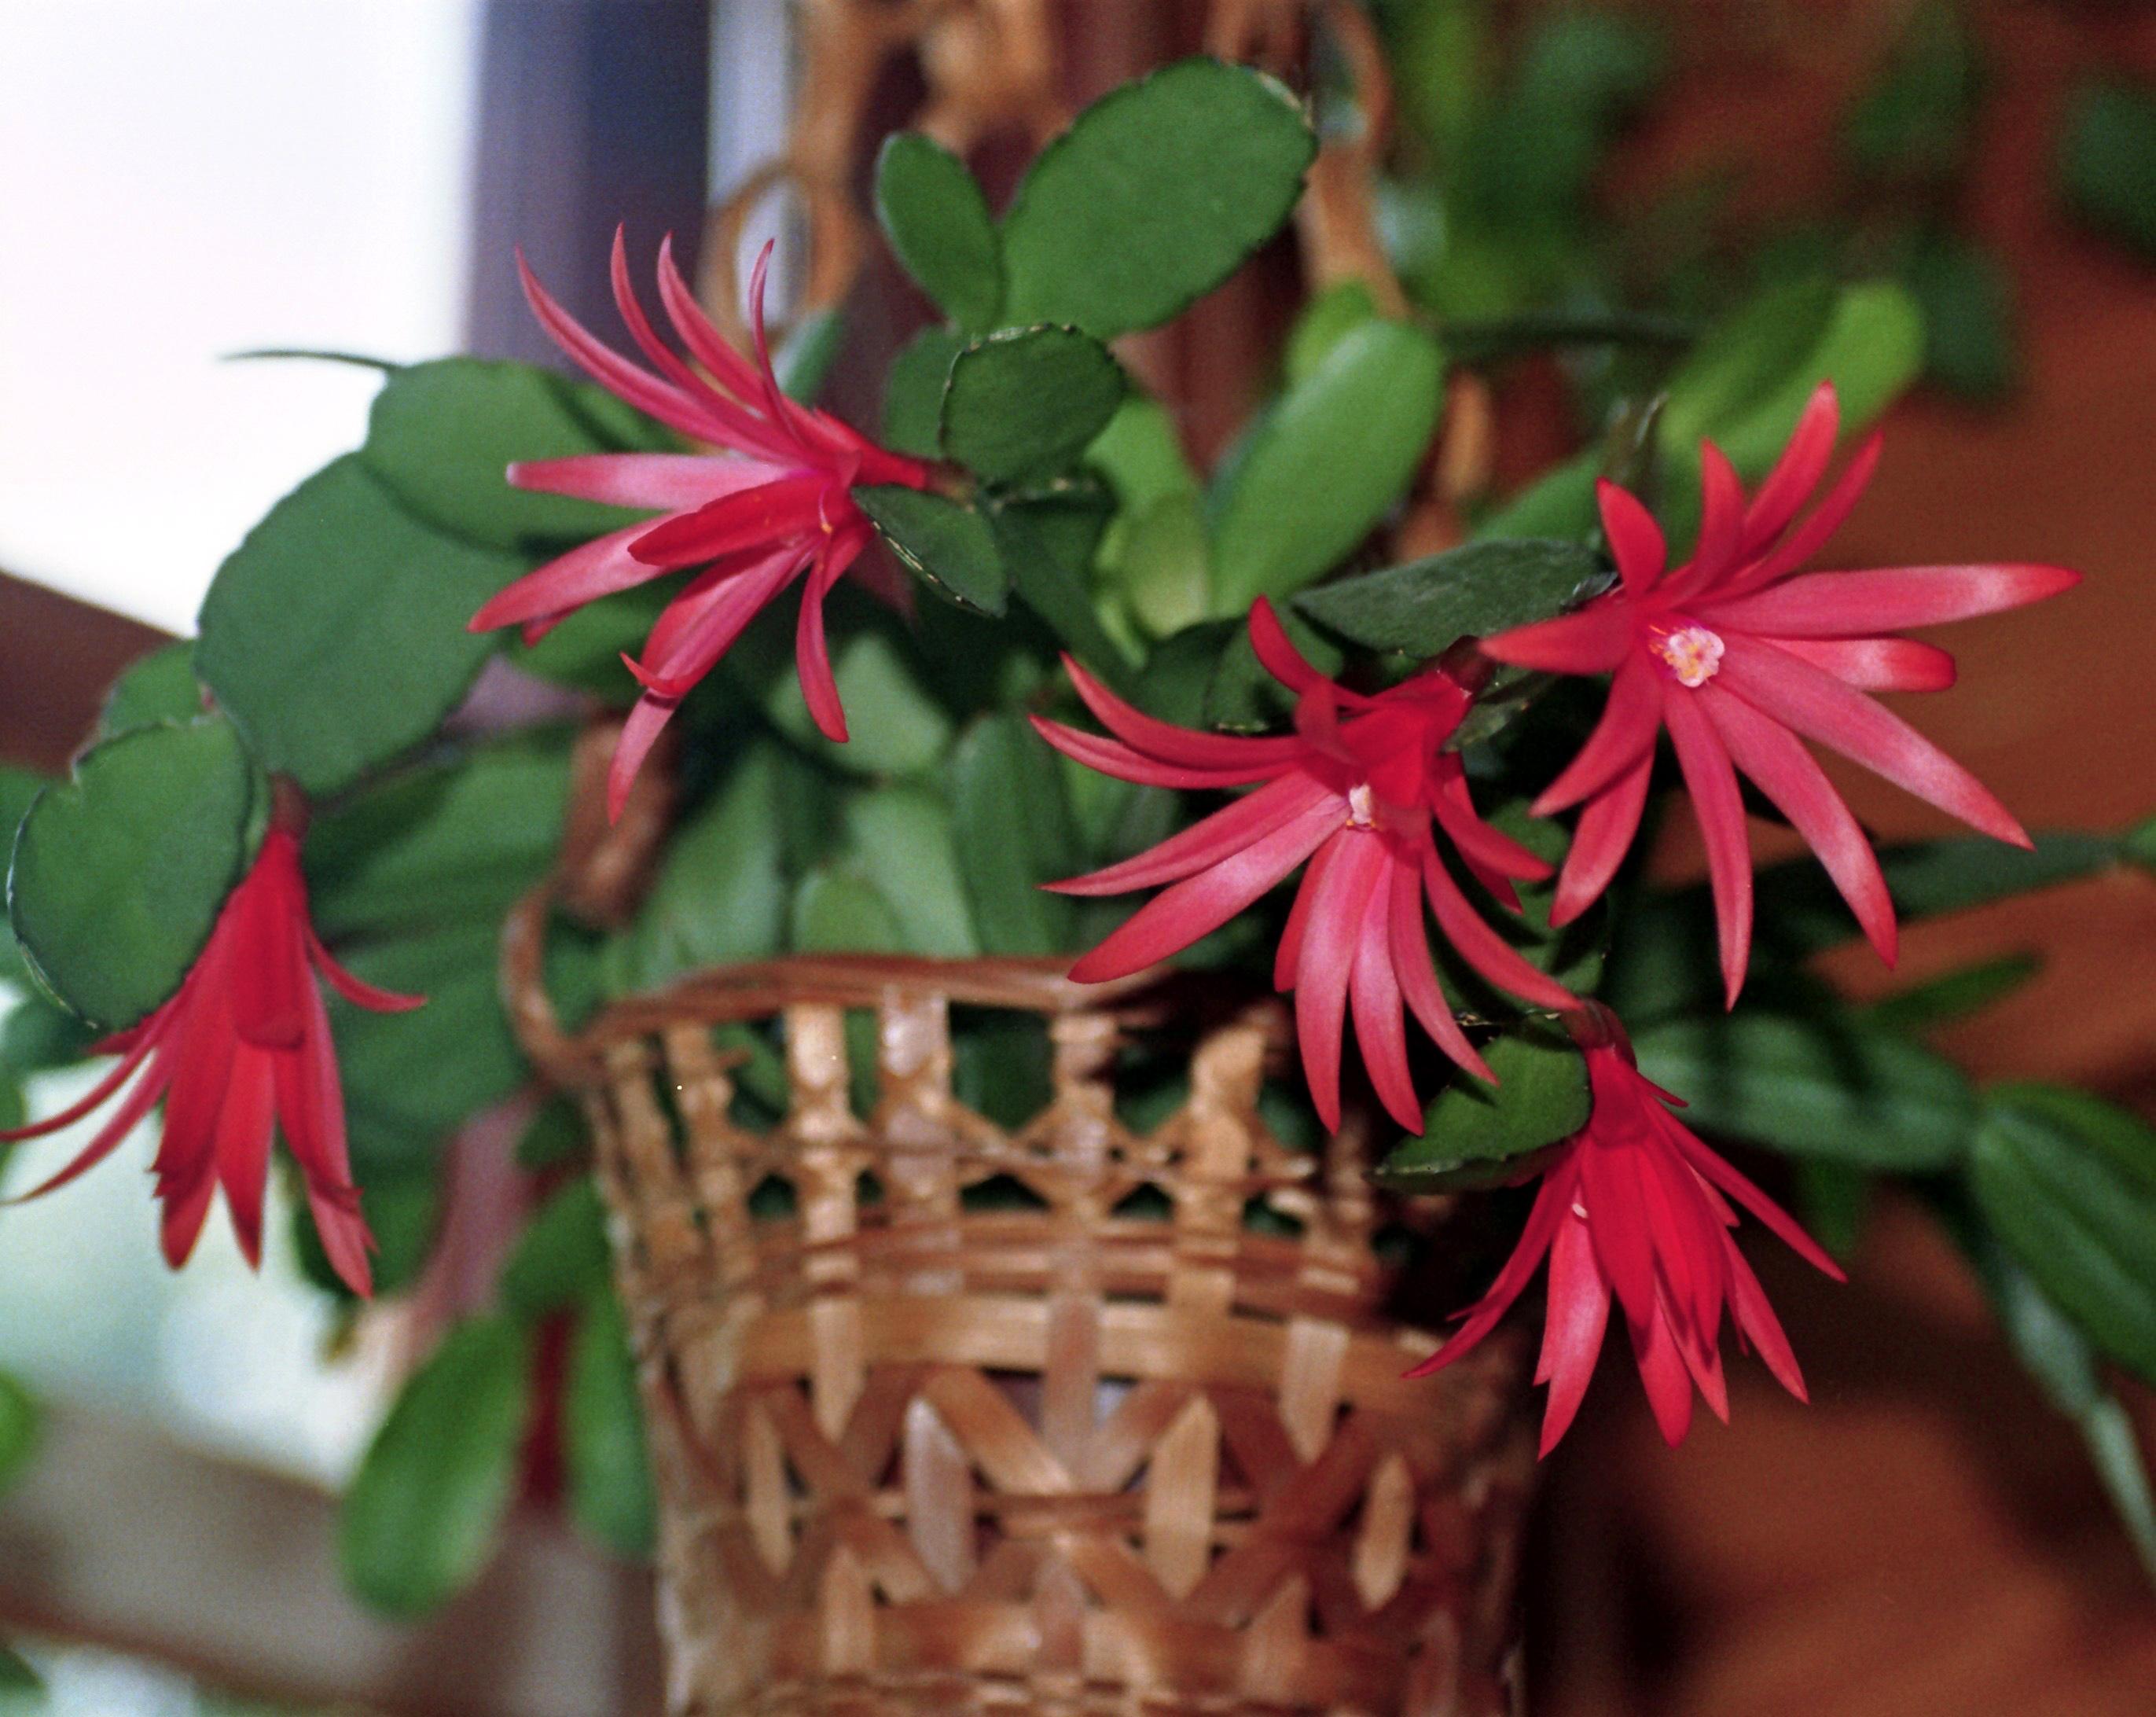 le cactus de p ques sans pines mais la culture pineuse jardinier paresseux. Black Bedroom Furniture Sets. Home Design Ideas